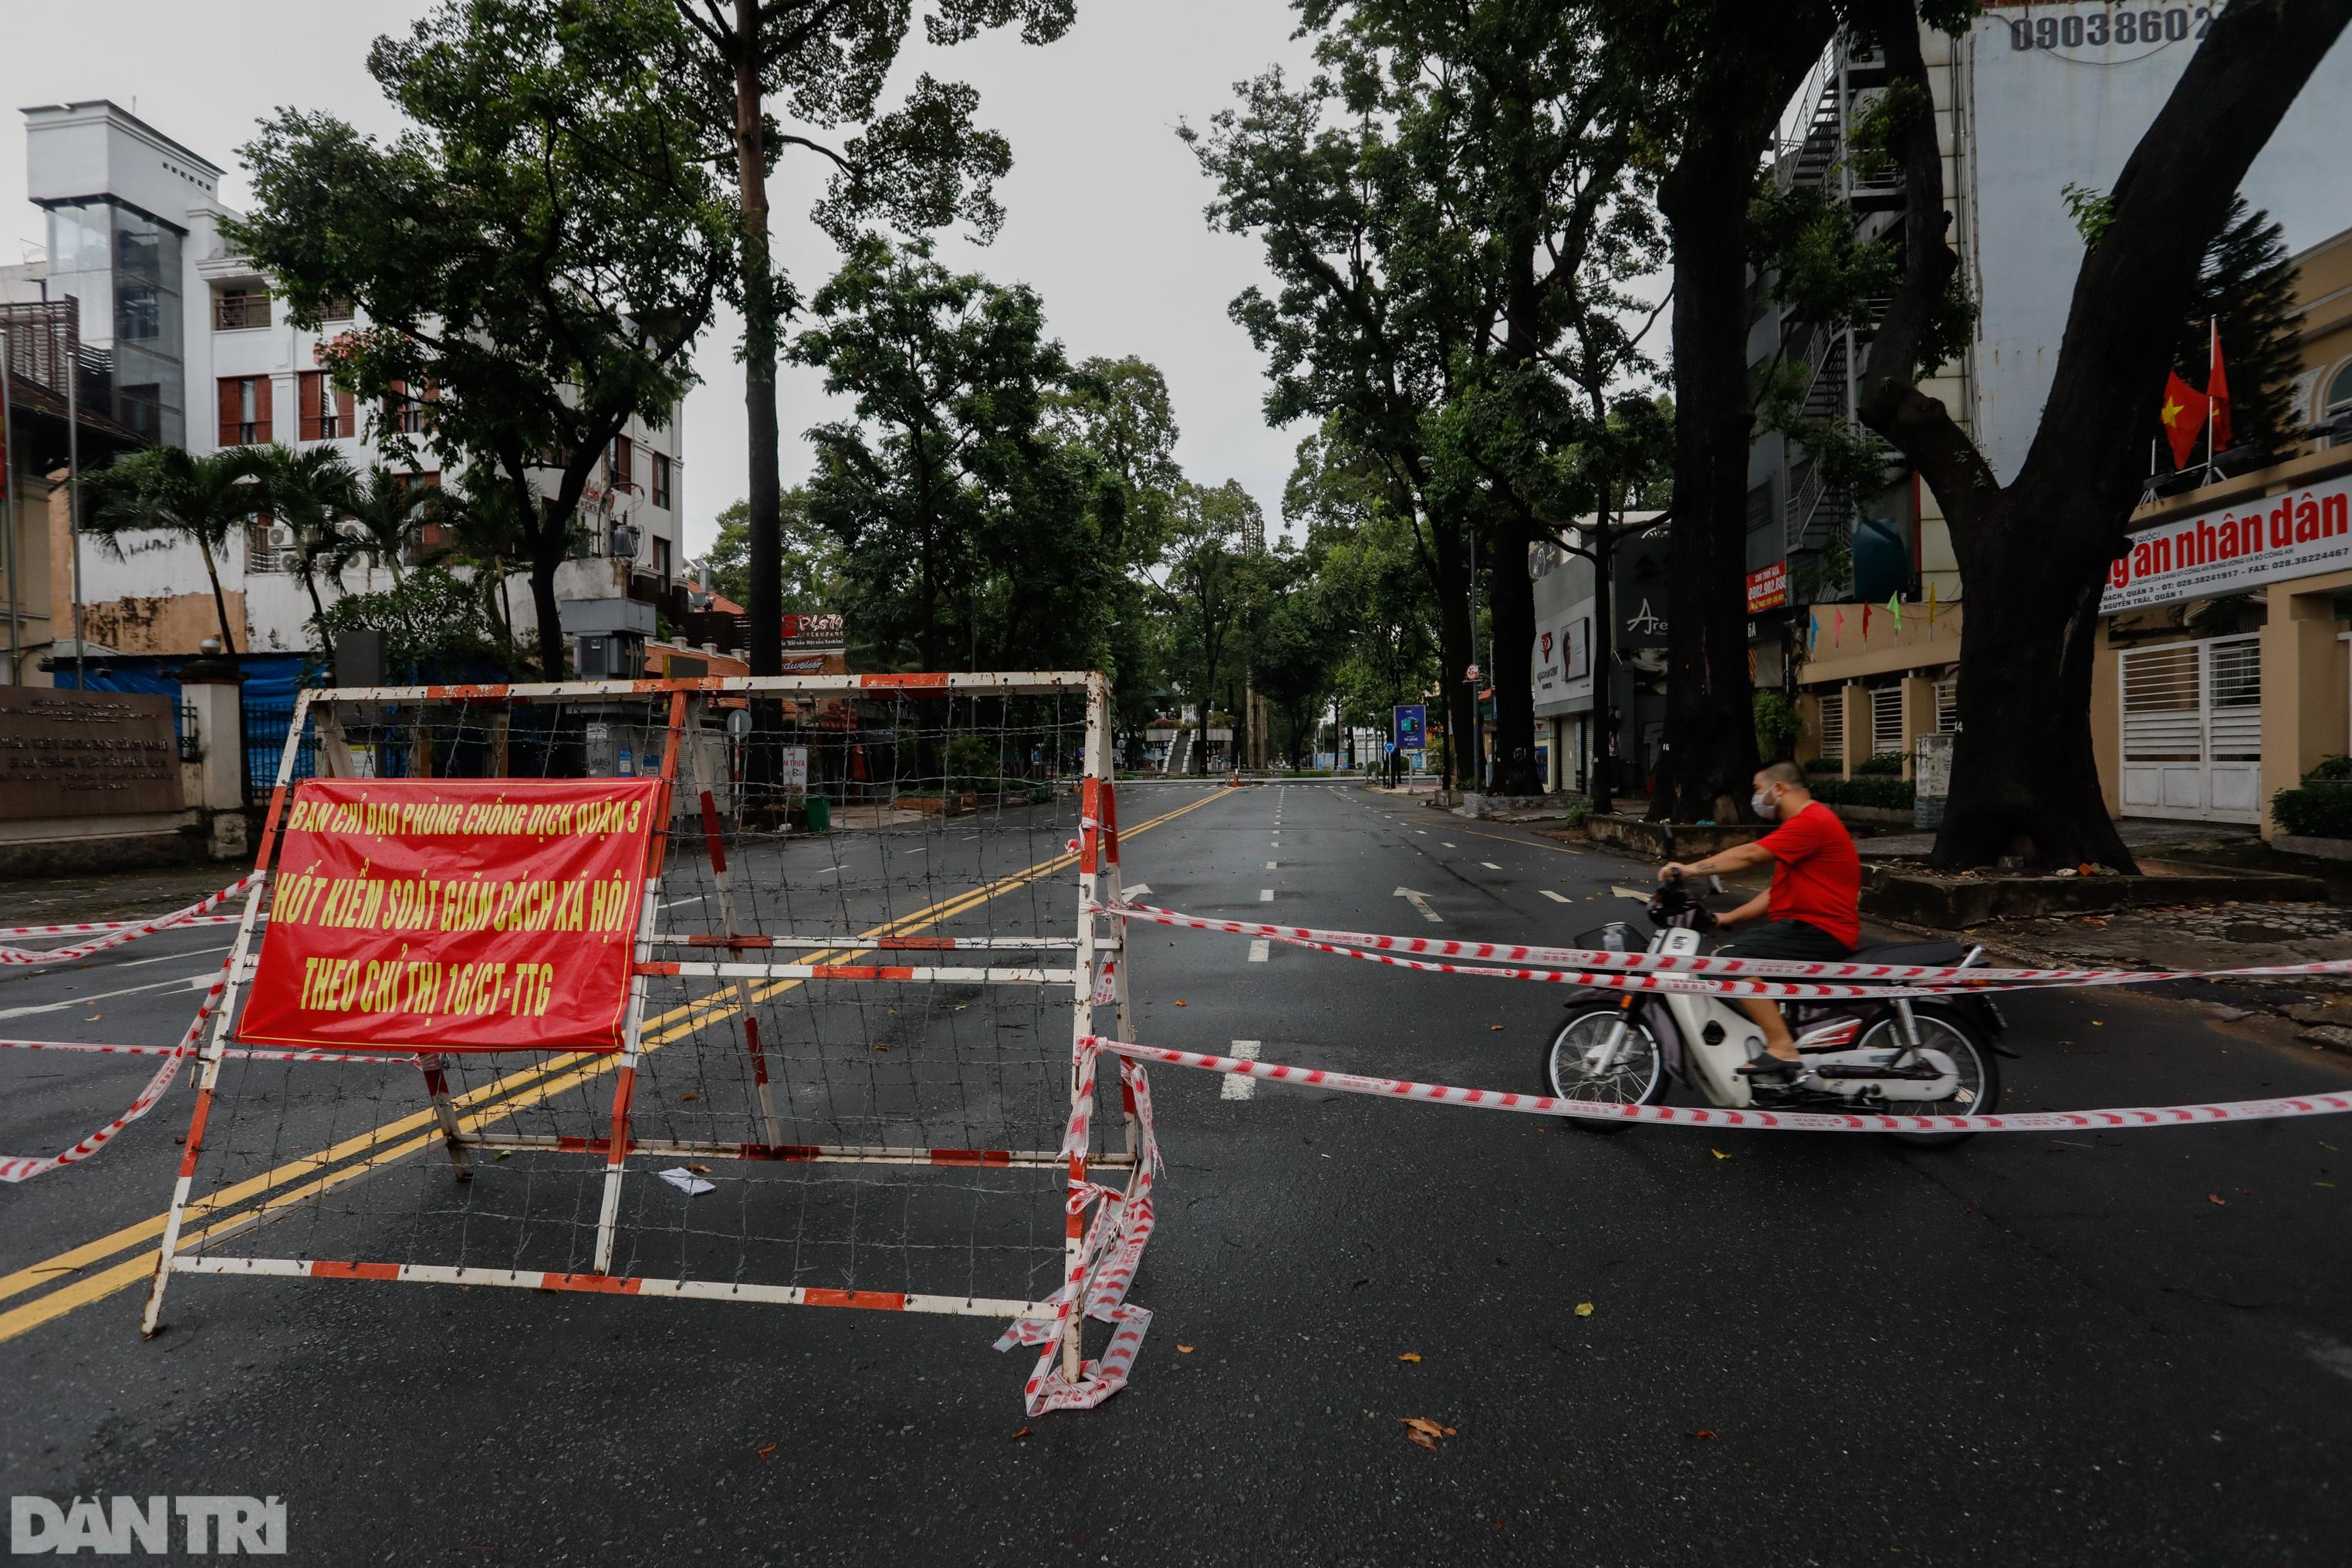 Hẻm nhỏ ở TPHCM dỡ chốt phong tỏa, đường lớn vẫn rào chắn kín mít - 12